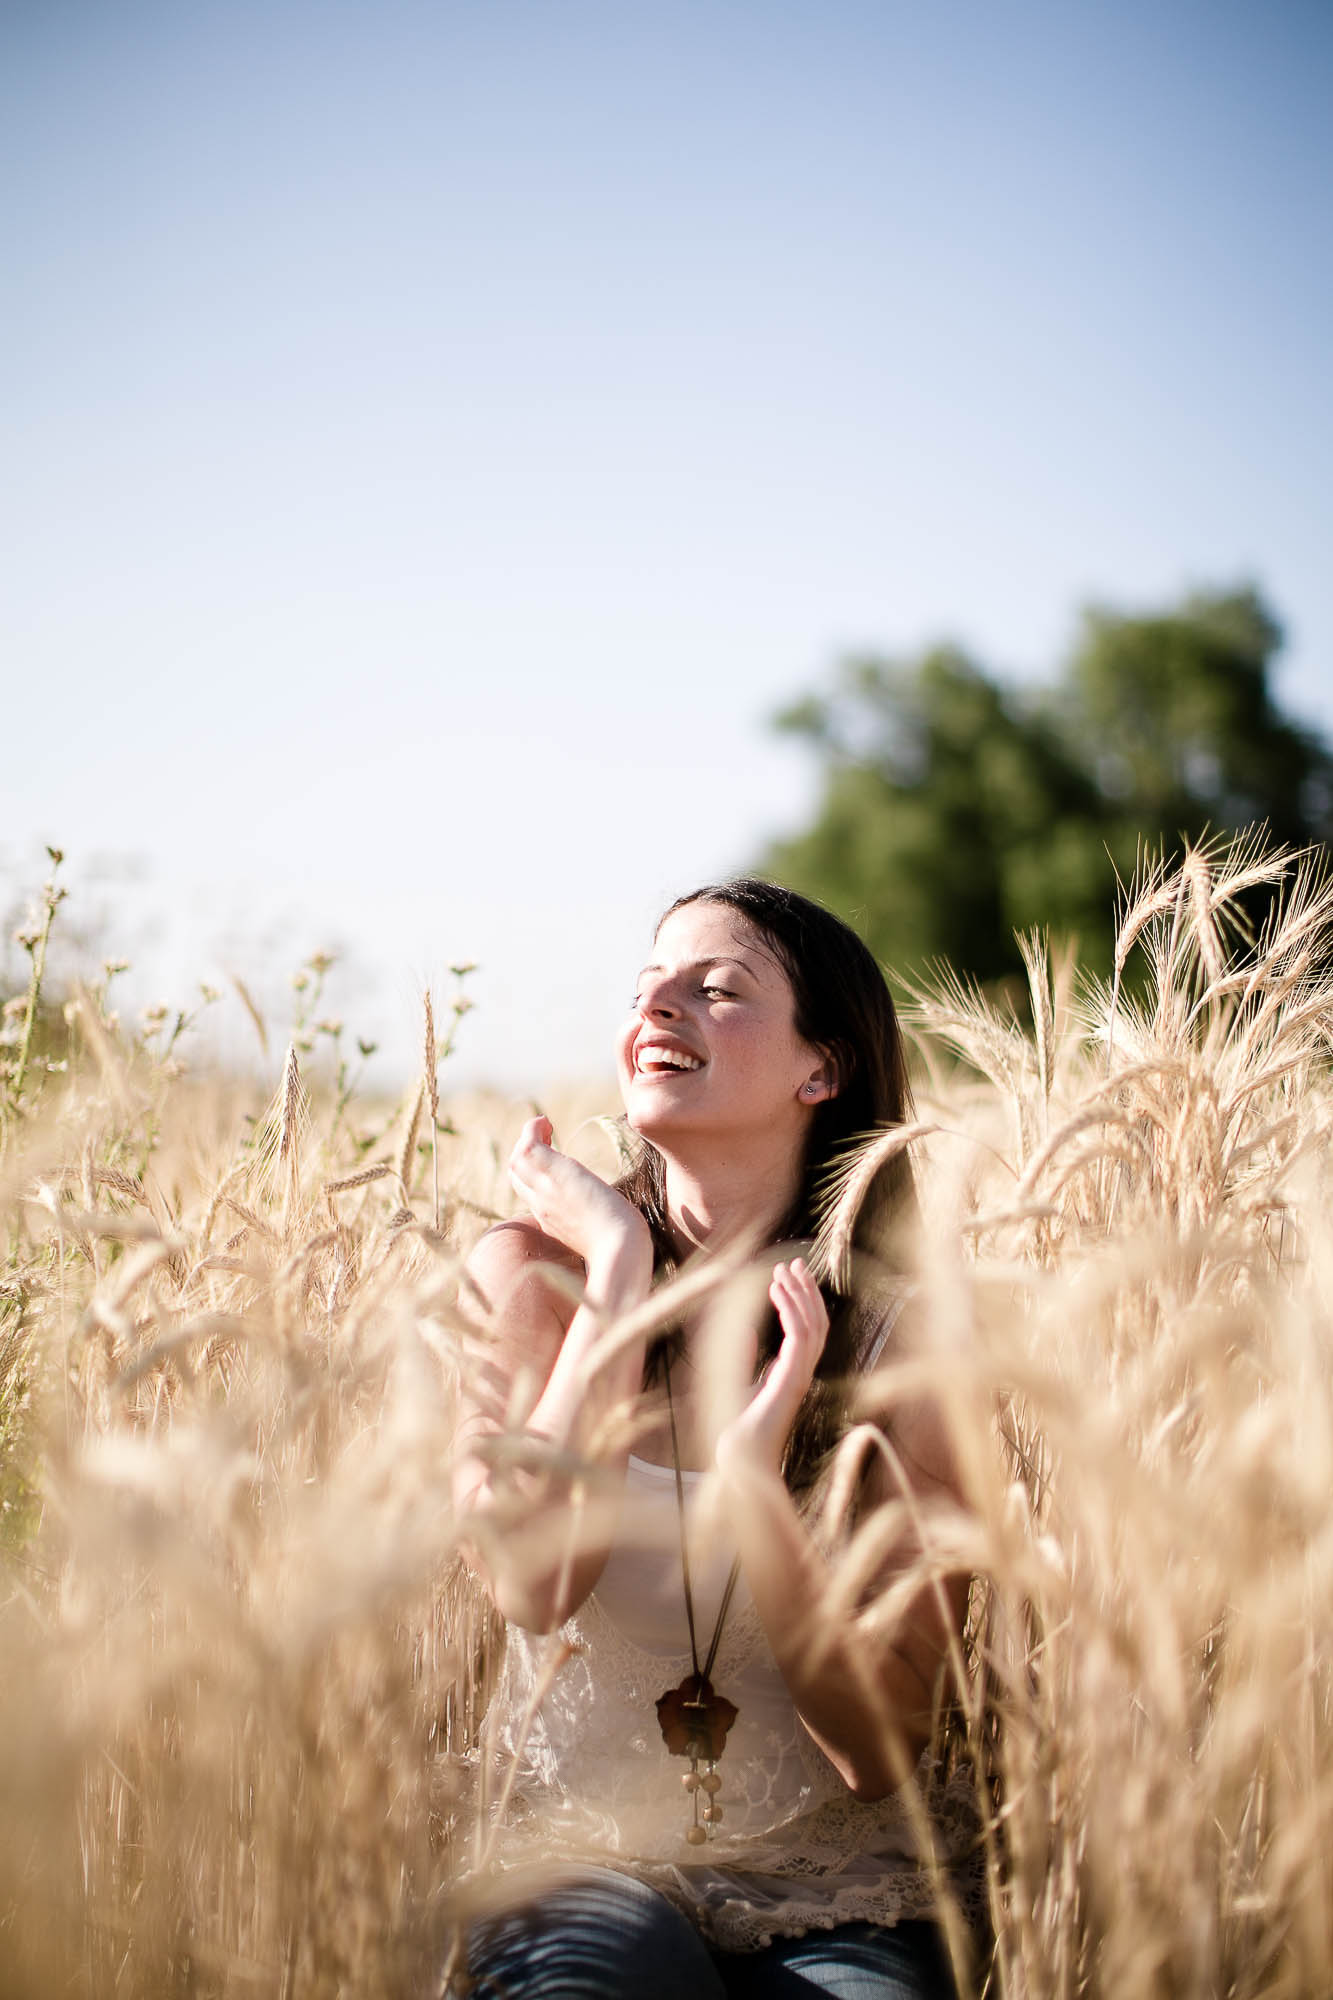 Ella toma el sol sentada en medio del trigal